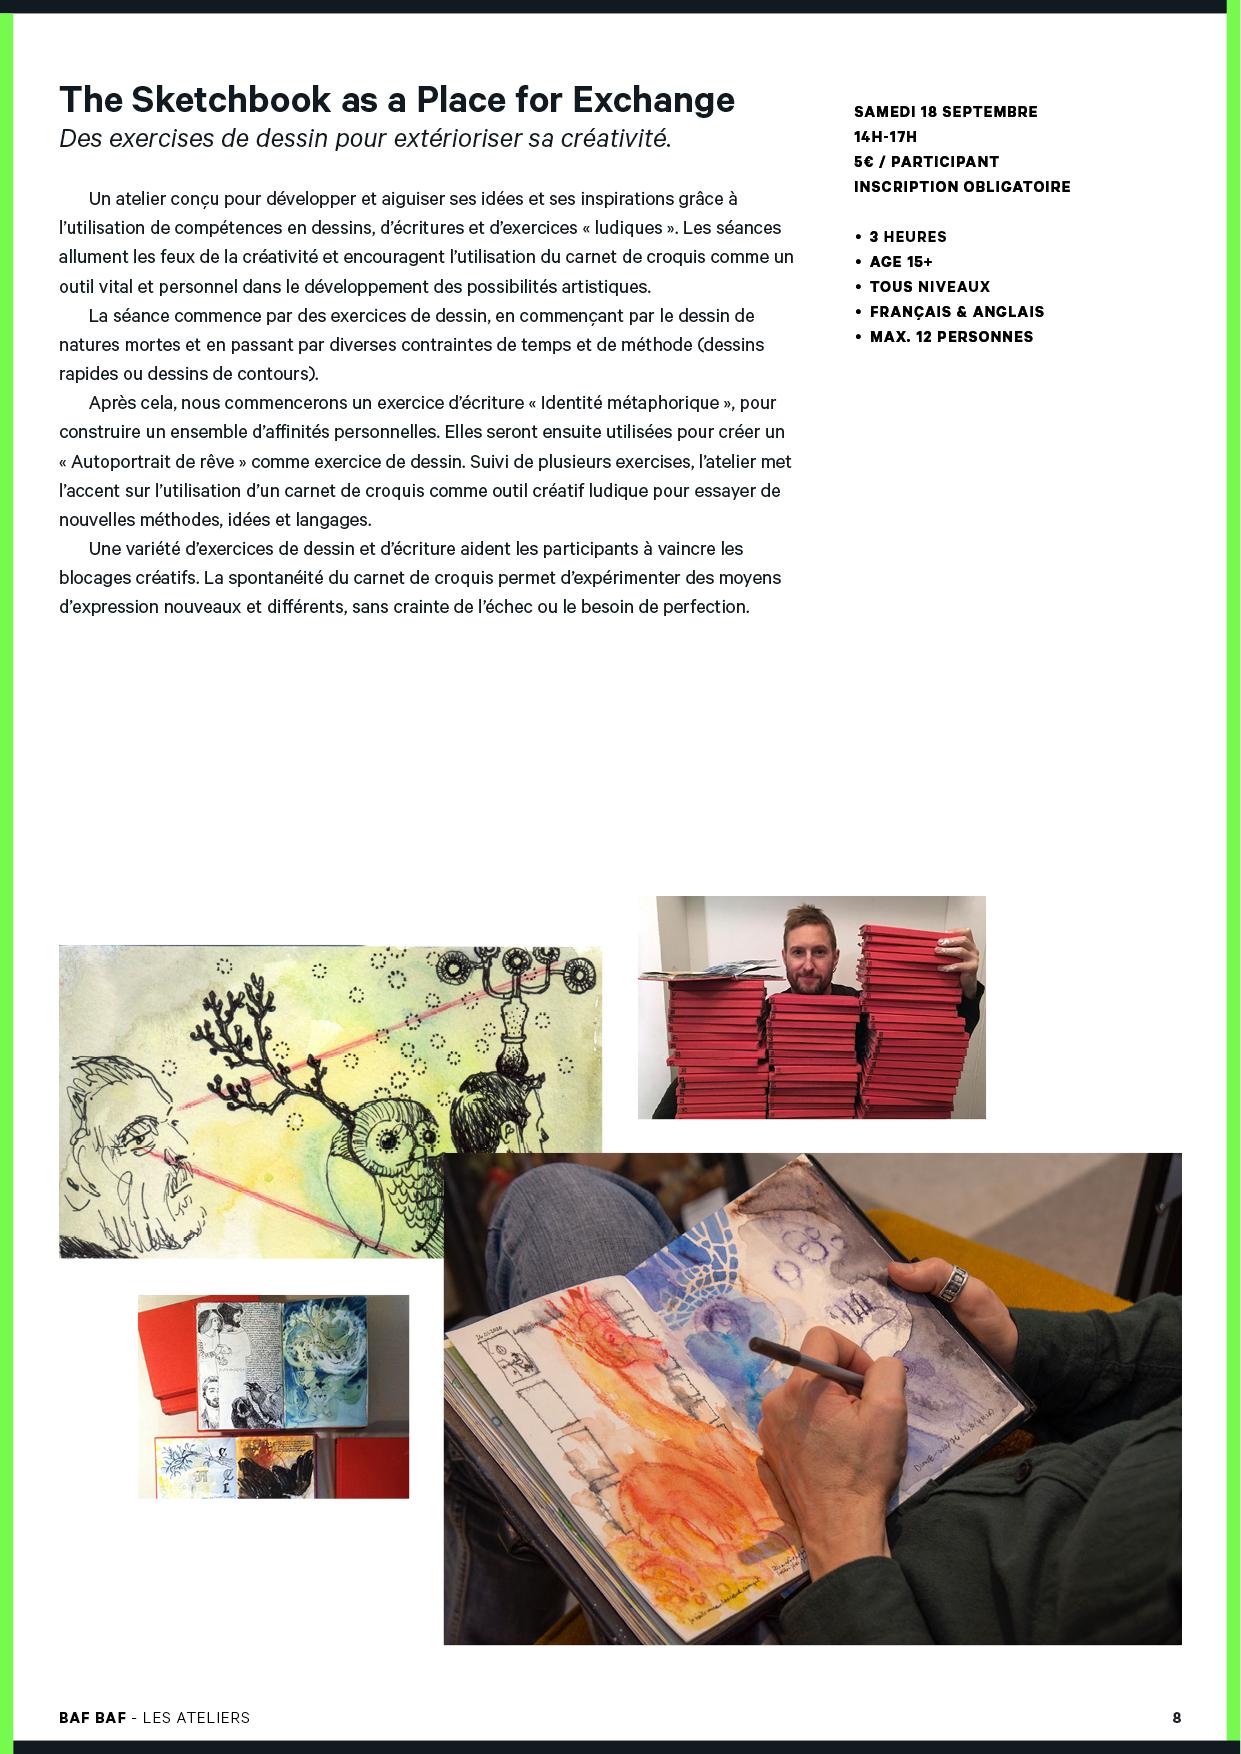 BAF-BAF-Workshops-Published-with-timetable8